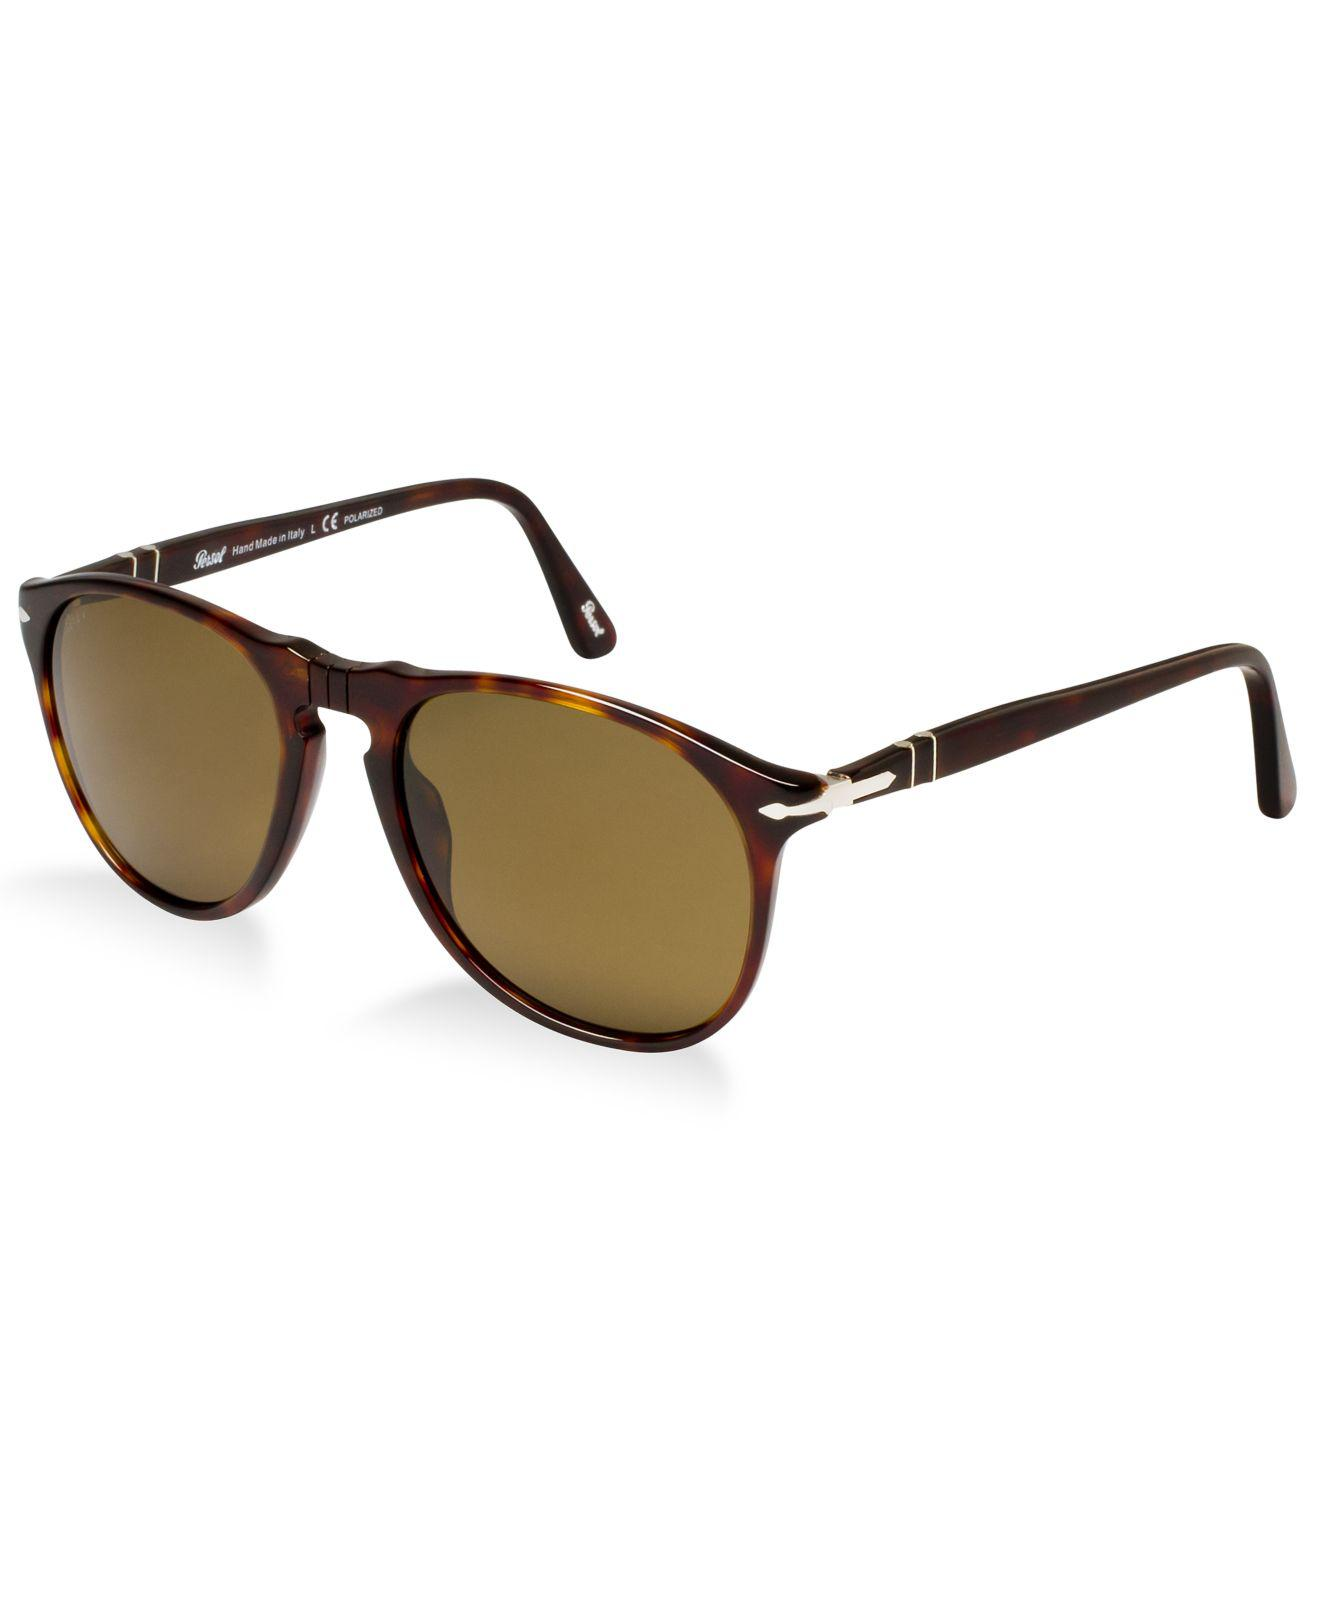 74116c80bb4f0 Lyst - Persol Sunglasses